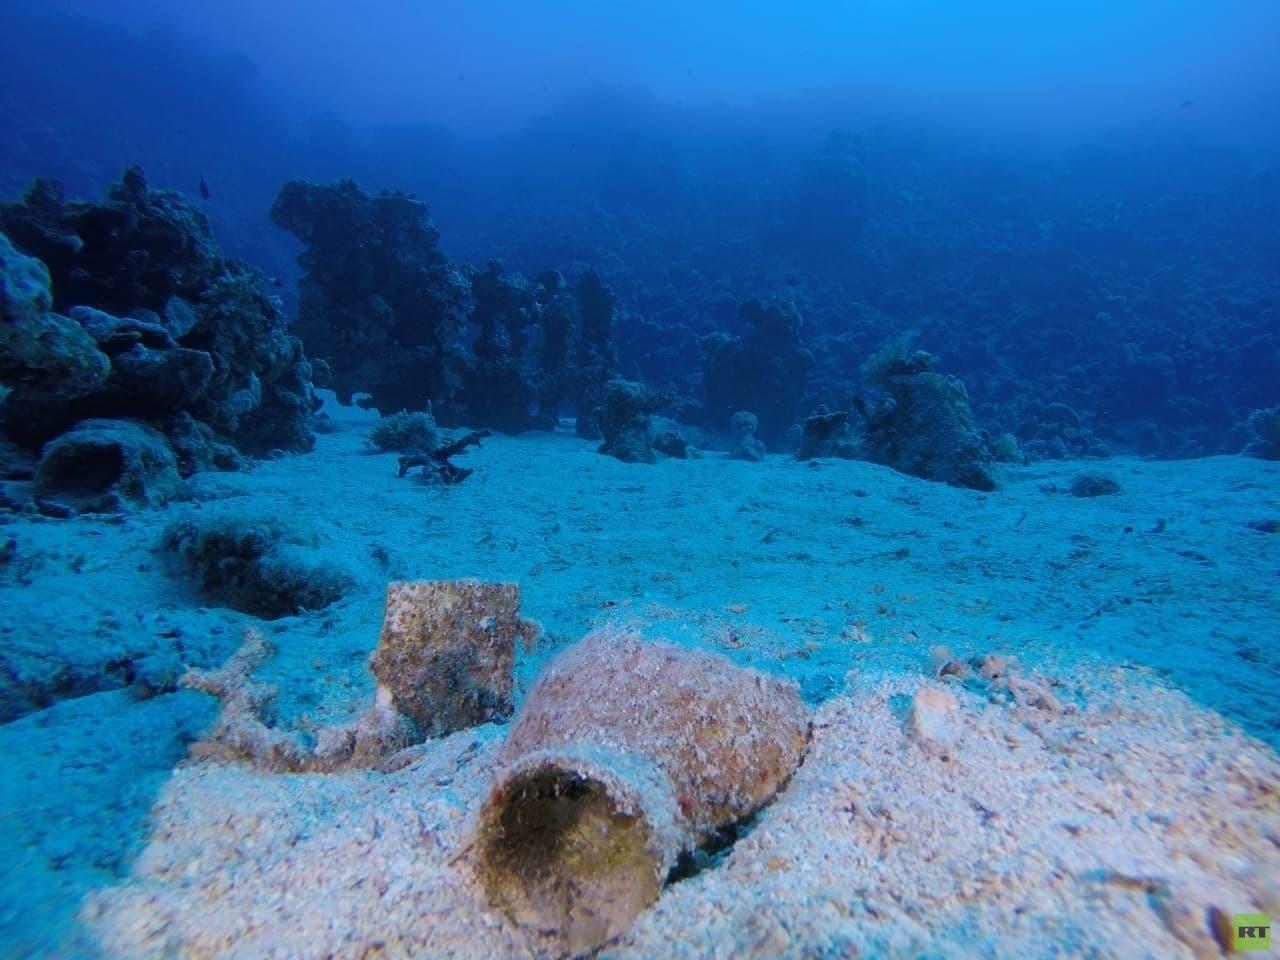 عثر على أجزاء منها عام1994.. بعثة مصرية تكشف عن مقدمة سفينة غارقة بجزيرة سعدانة بالبحر الأحمر